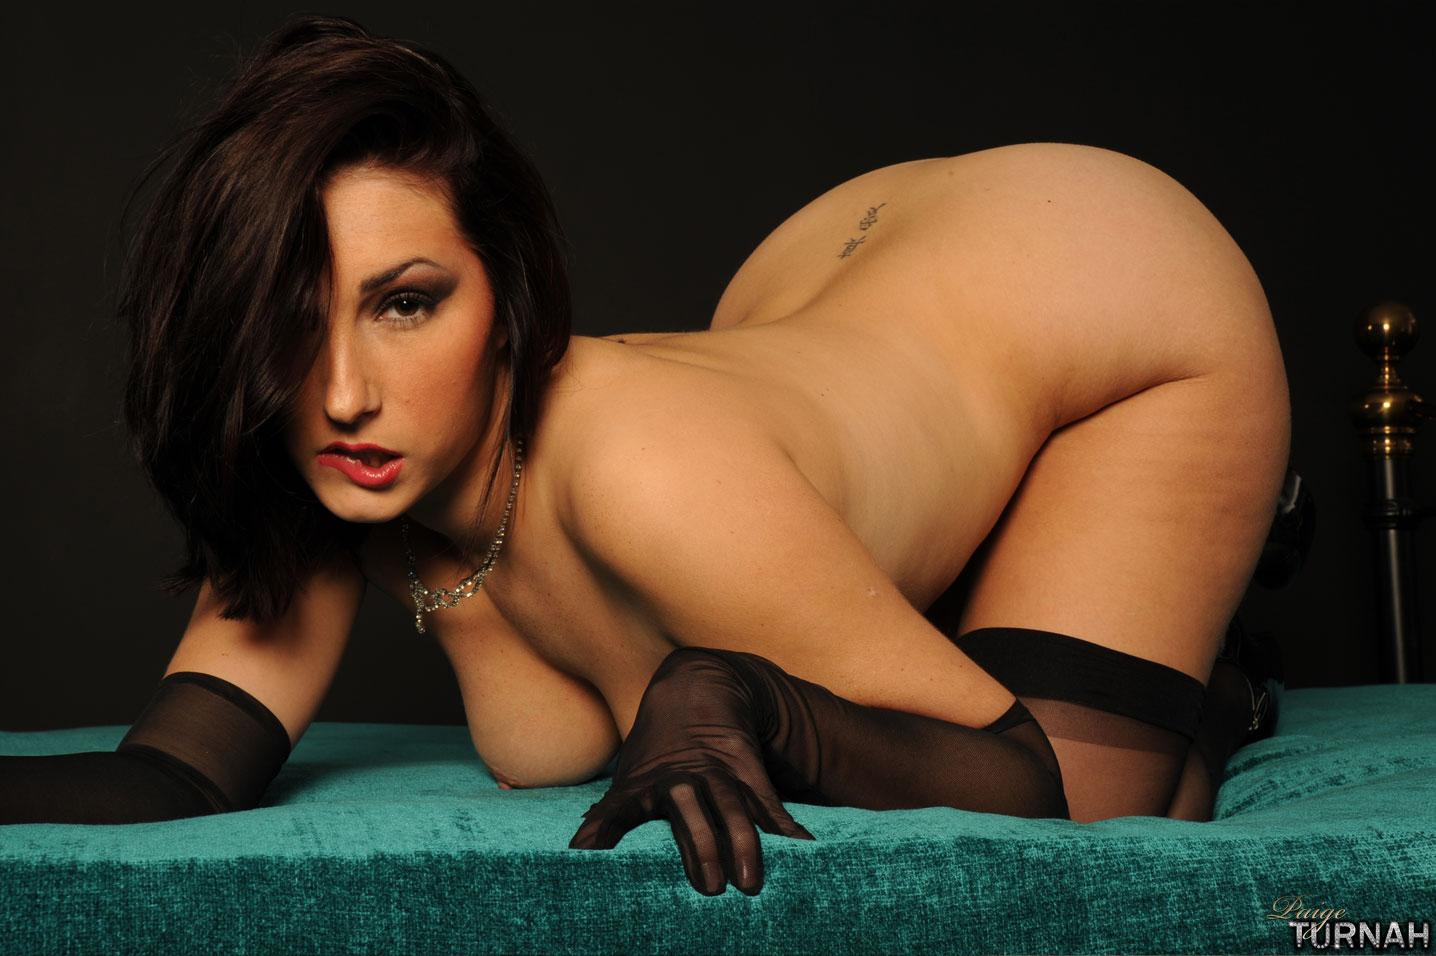 sexy_pose11